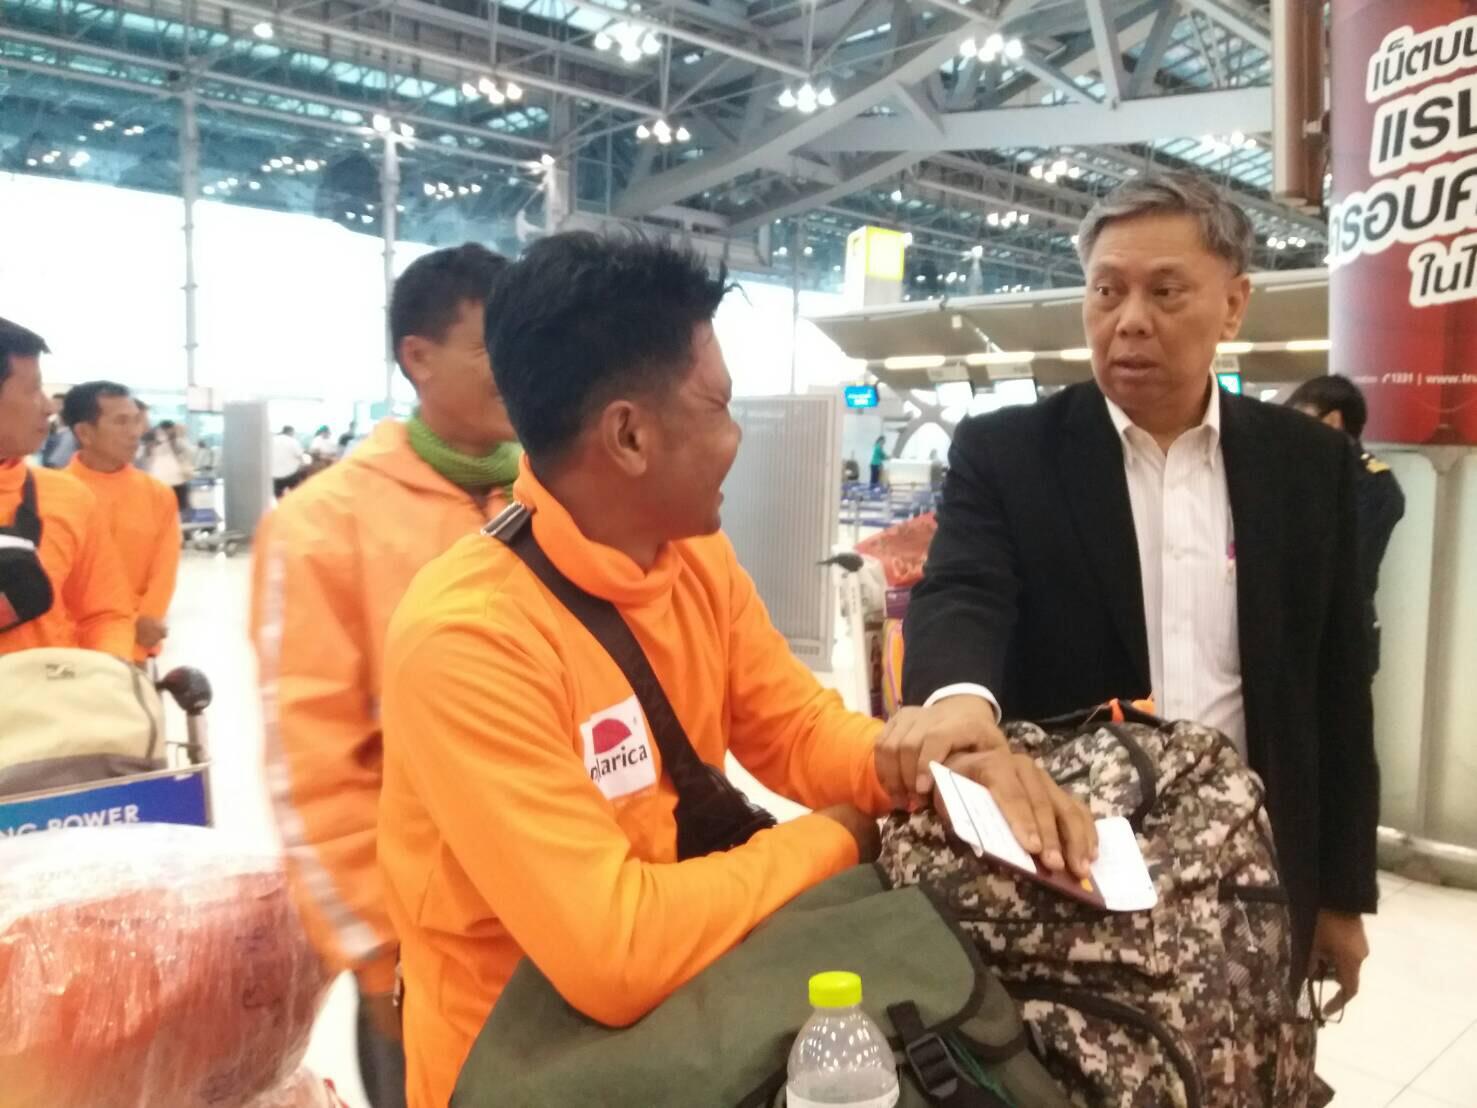 กระทรวงแรงงานเผย ! ช่วงครึ่งเดือนกรกฎาคม '60 แรงงานไทยบินไปเก็บผลไม้ป่าแล้วร่วม 5,000 คน